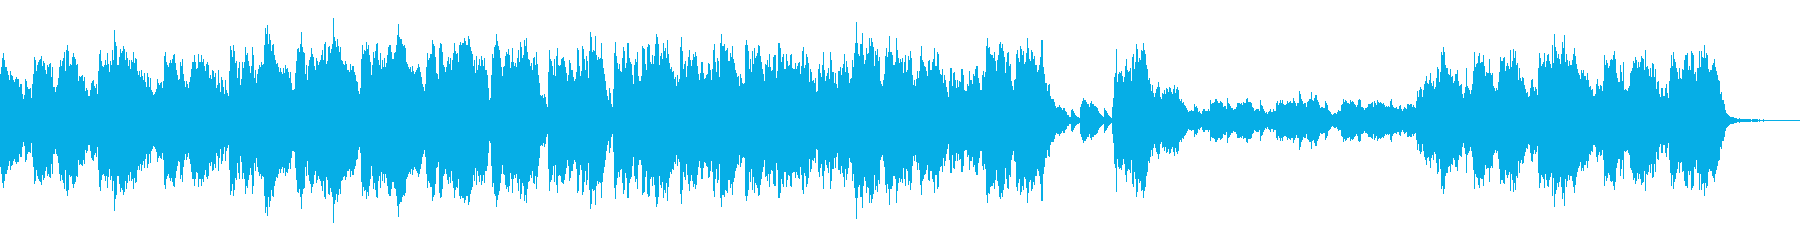 シンセベルを合わせた不穏なオーケストラ曲の再生済みの波形